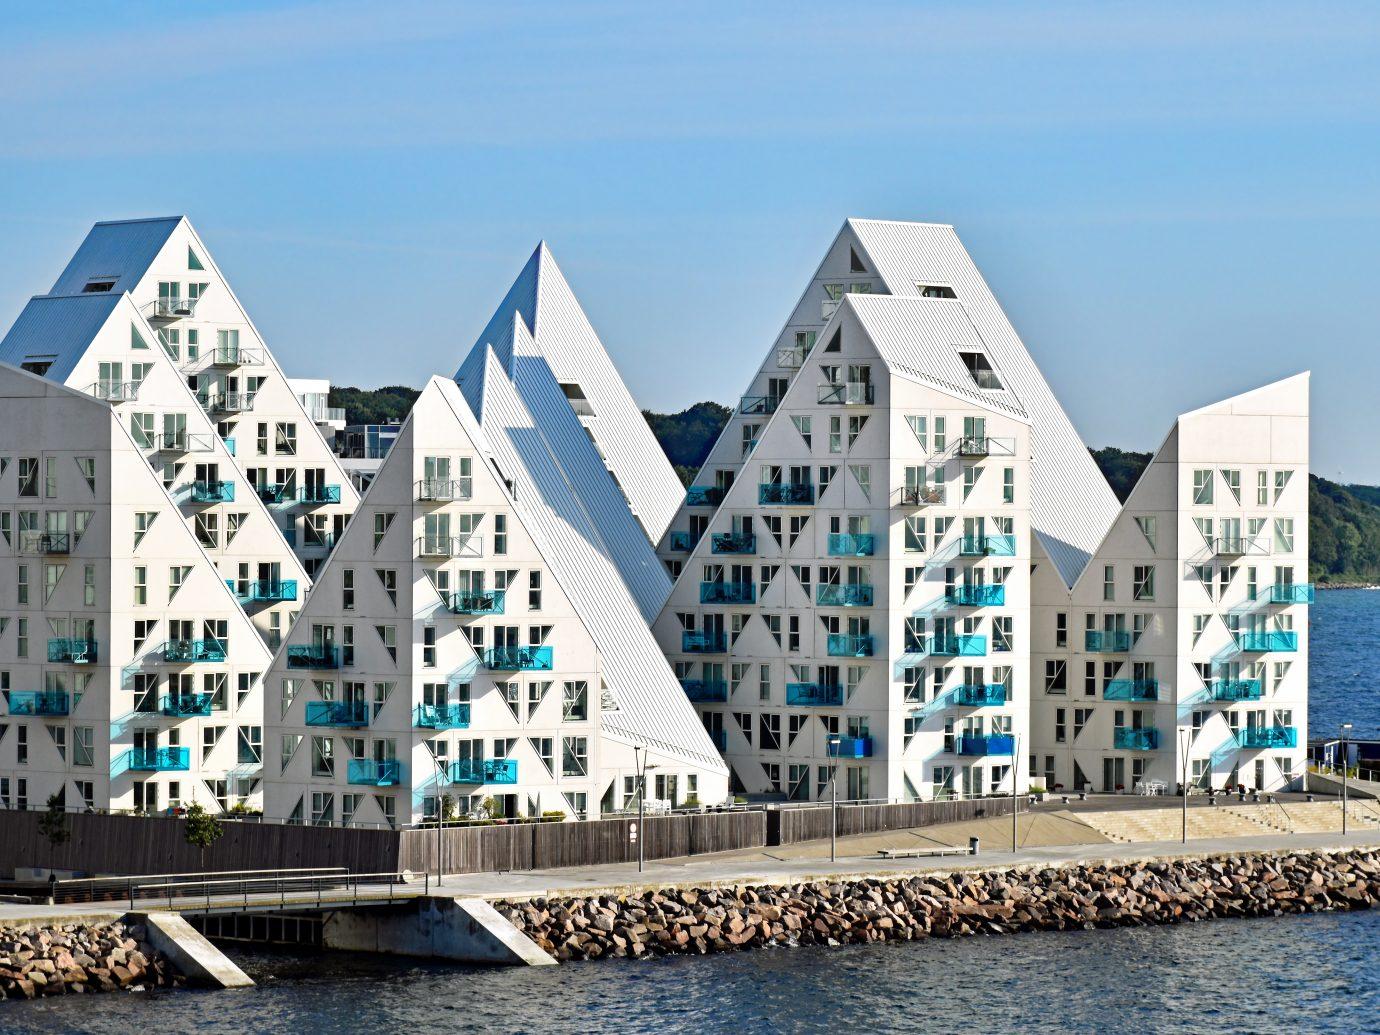 Aarhus in Denmark